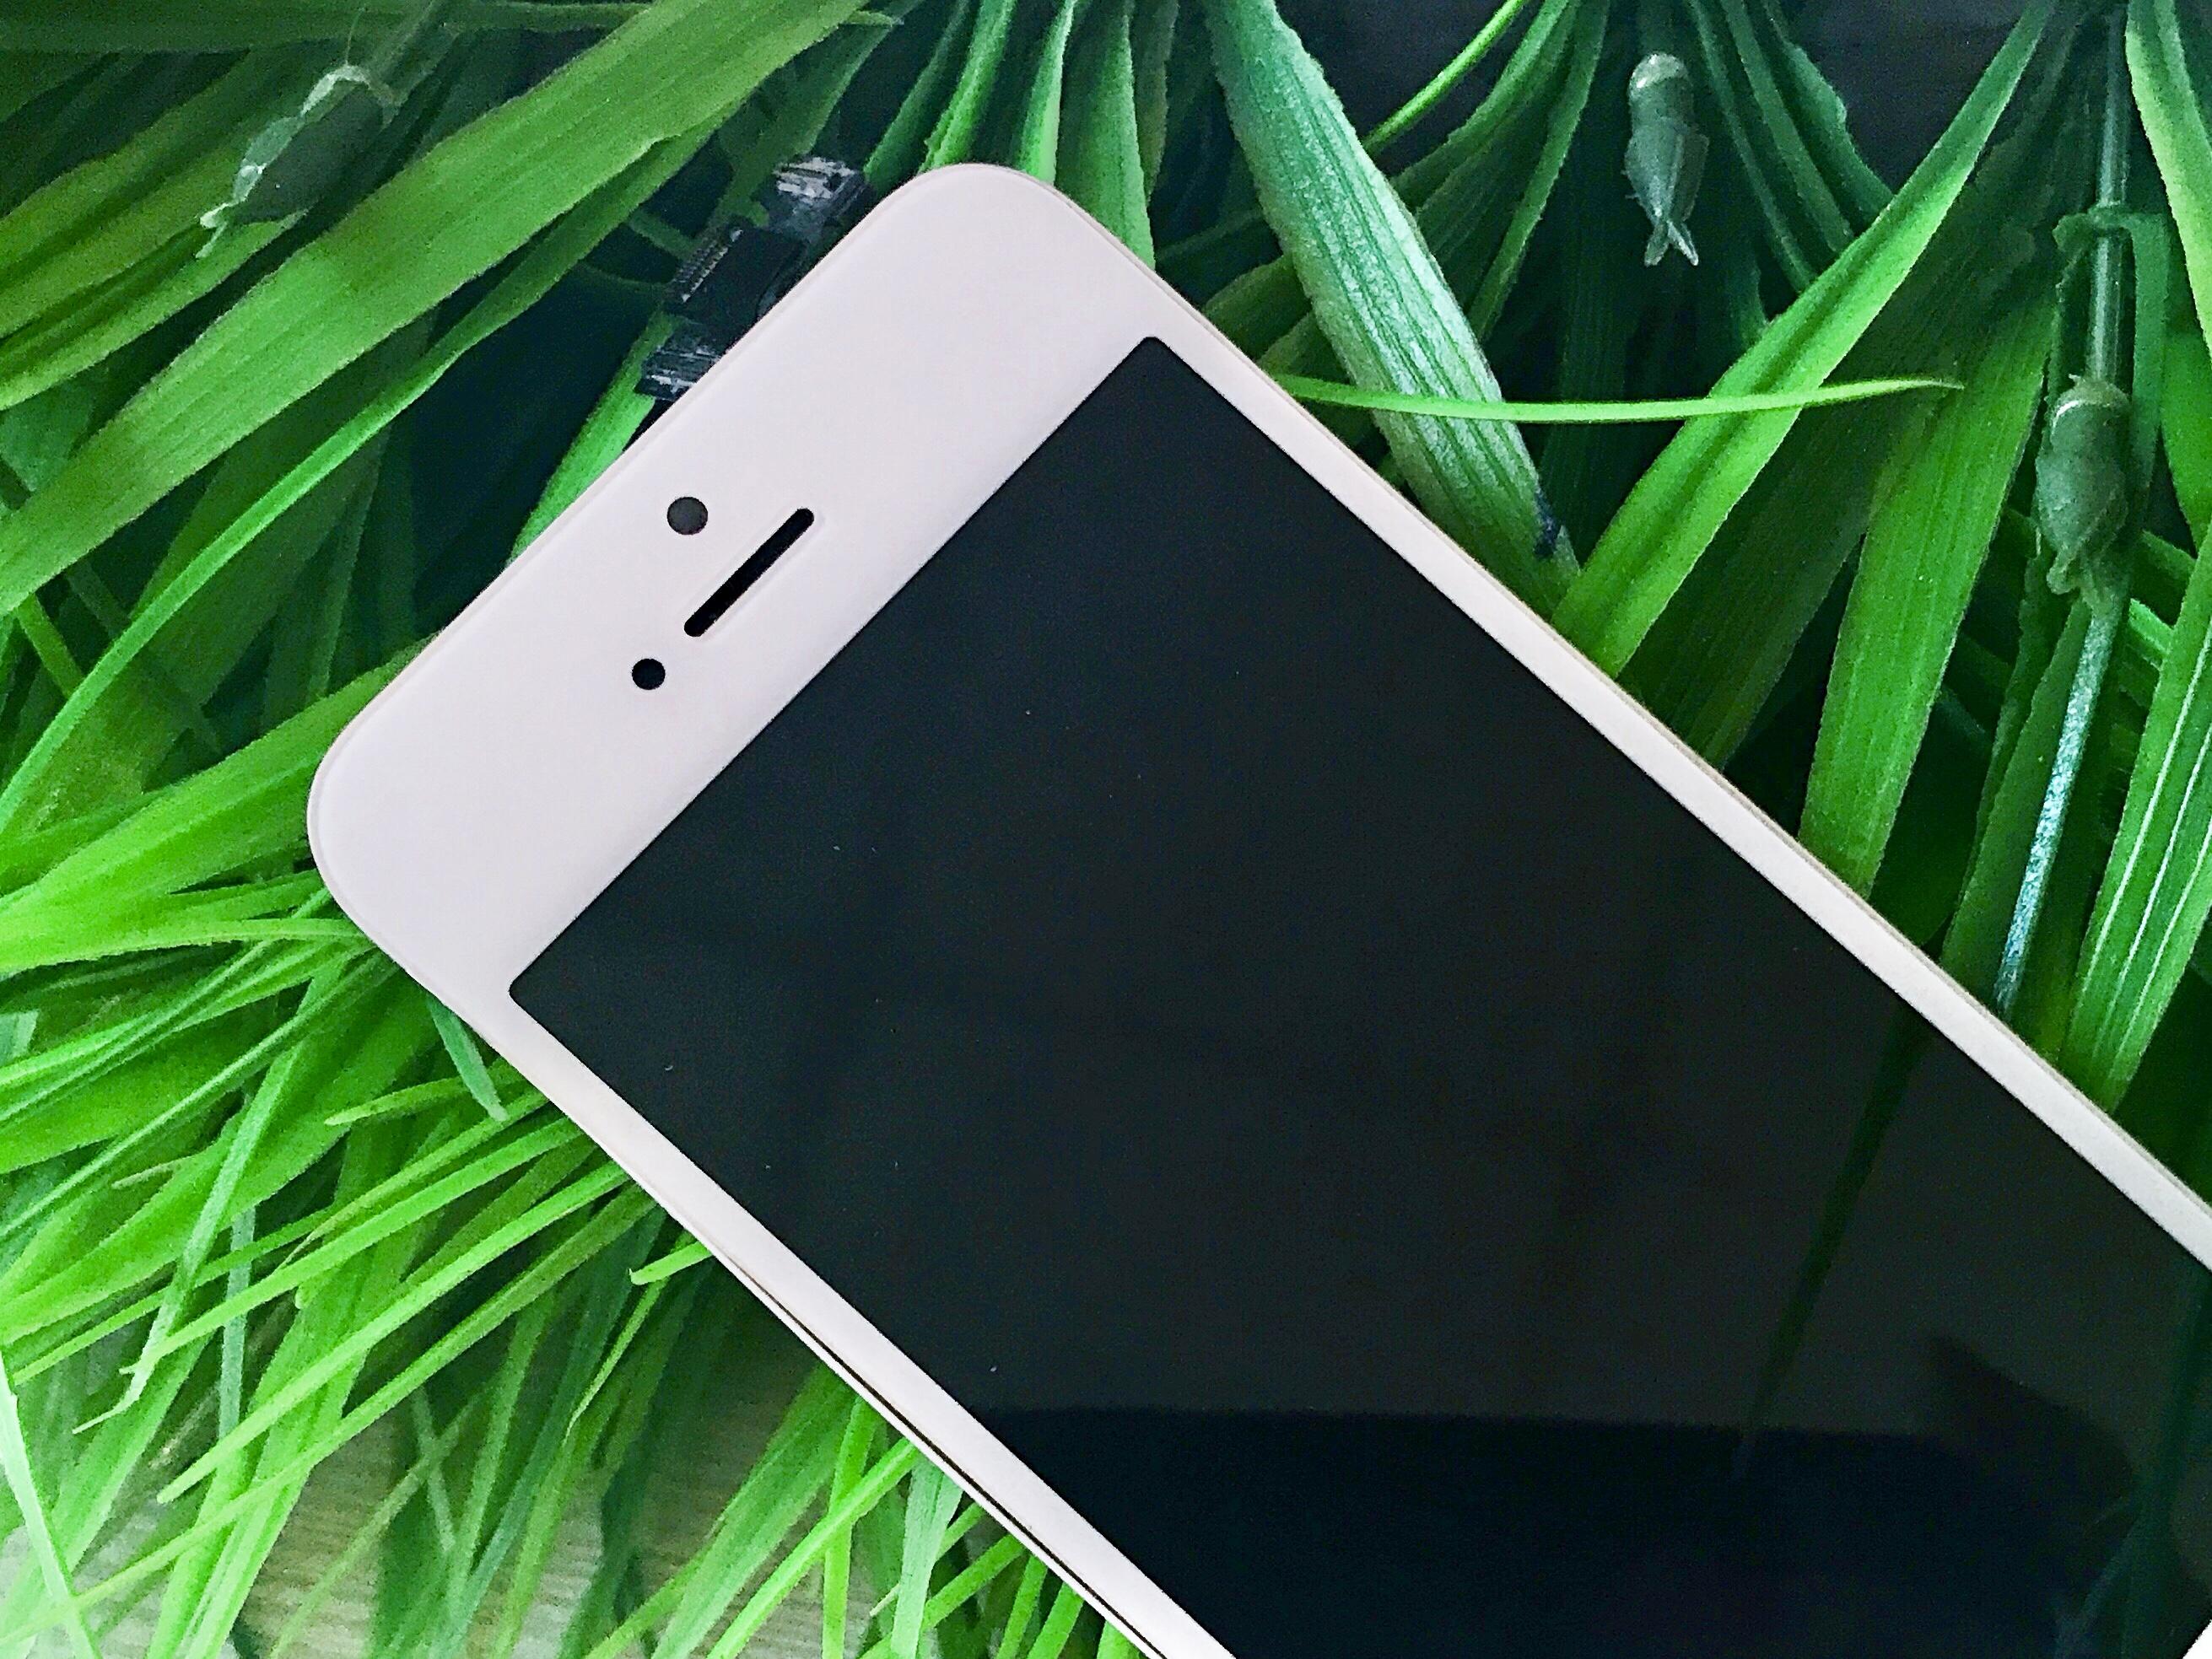 Слуховой динамик в телефоне стал тихо работать. Что делать?